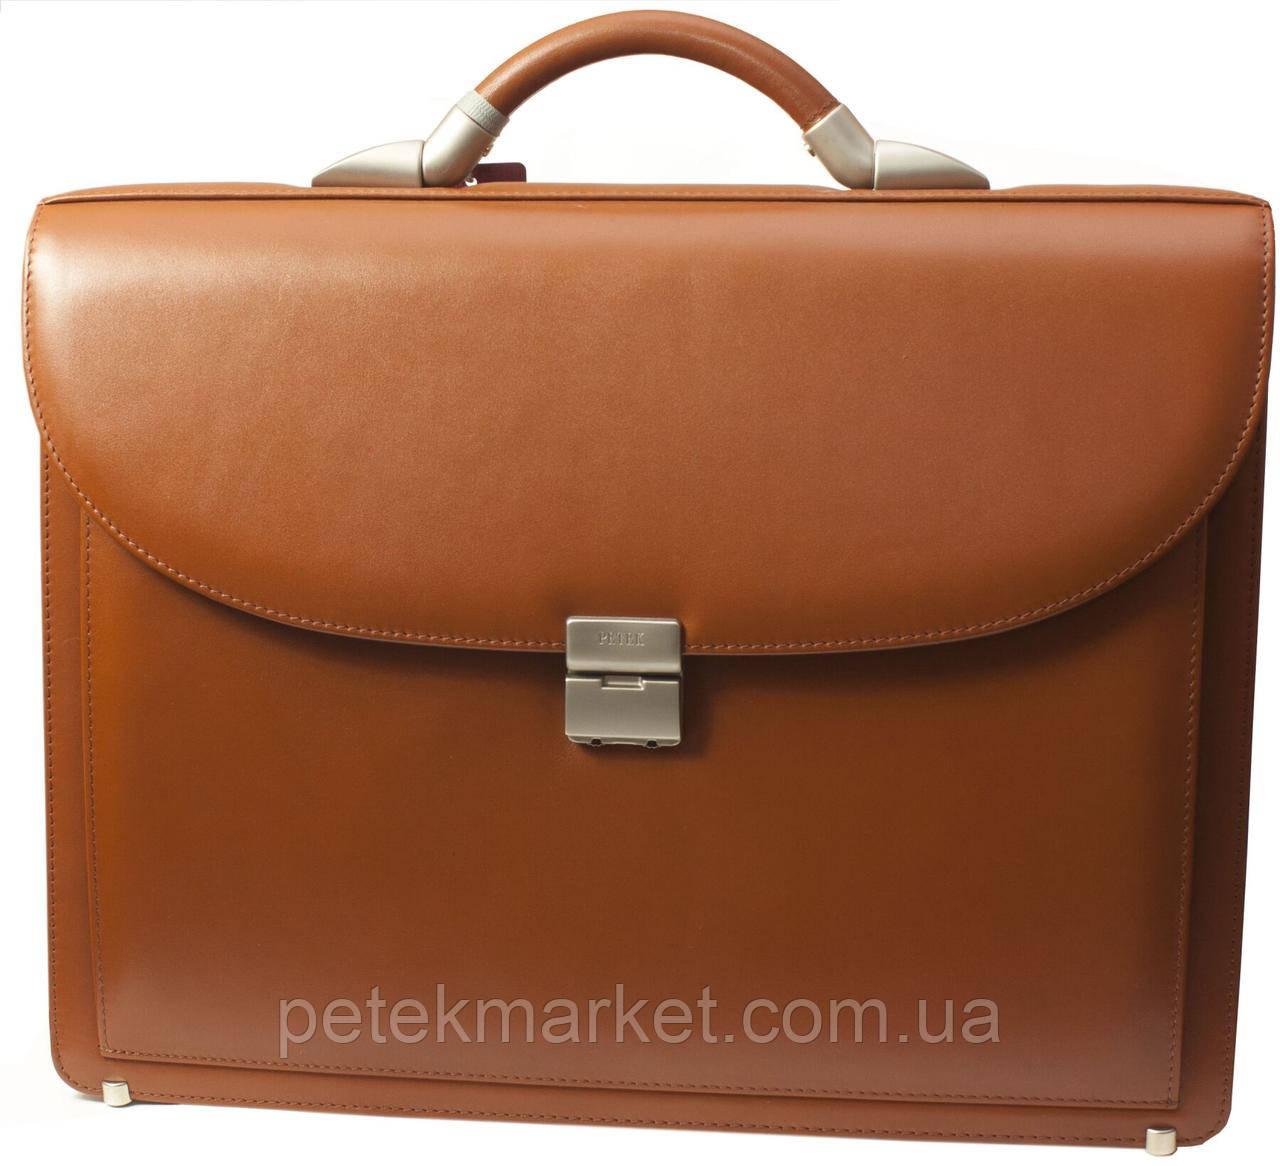 Деловой кожаный портфель Petek 846/M2-000-05